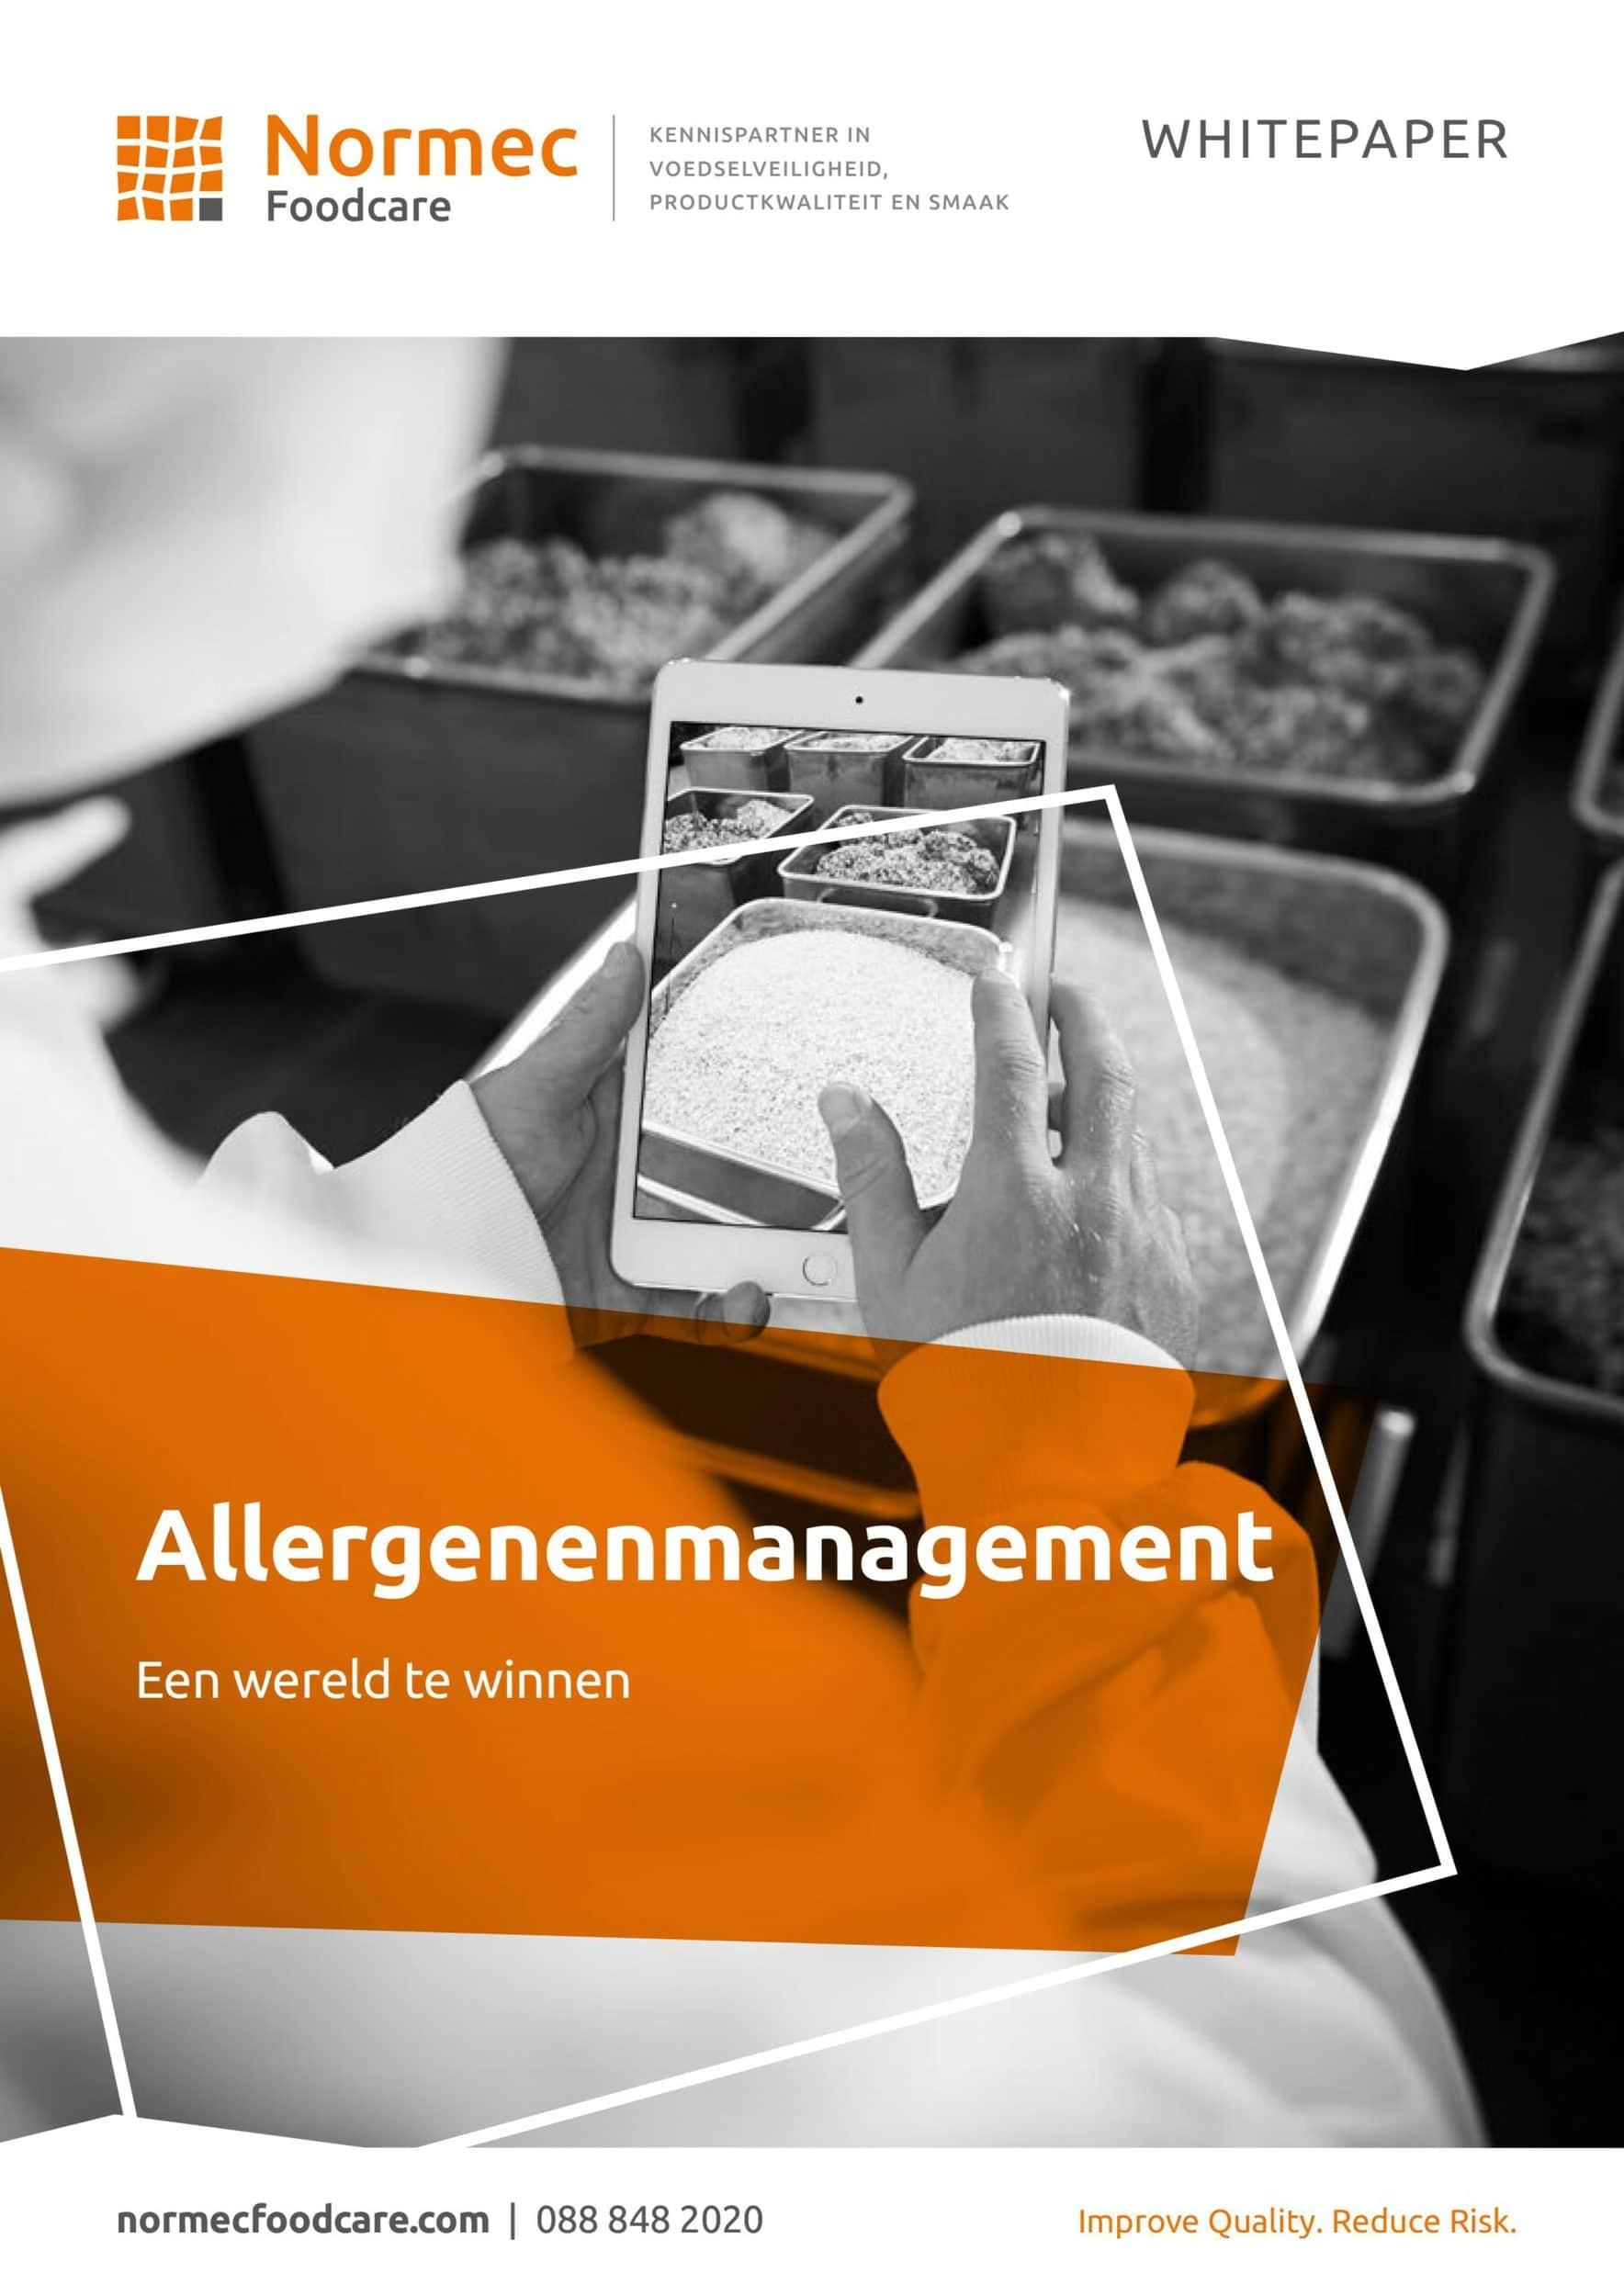 whitepaper-allergenenmanagement-2021-NL-1